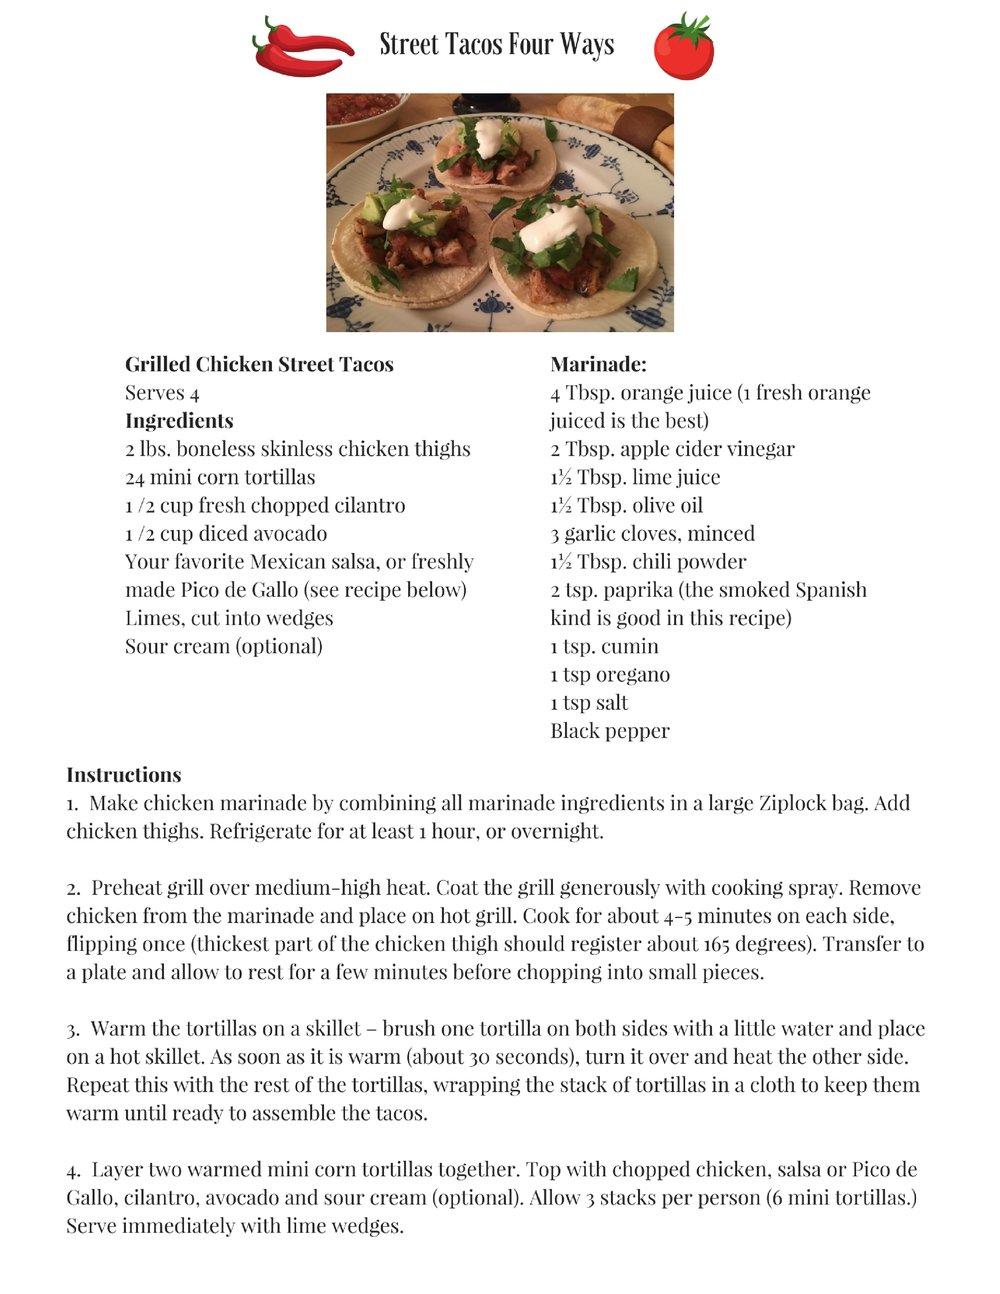 Street Tacos Recipe.jpg